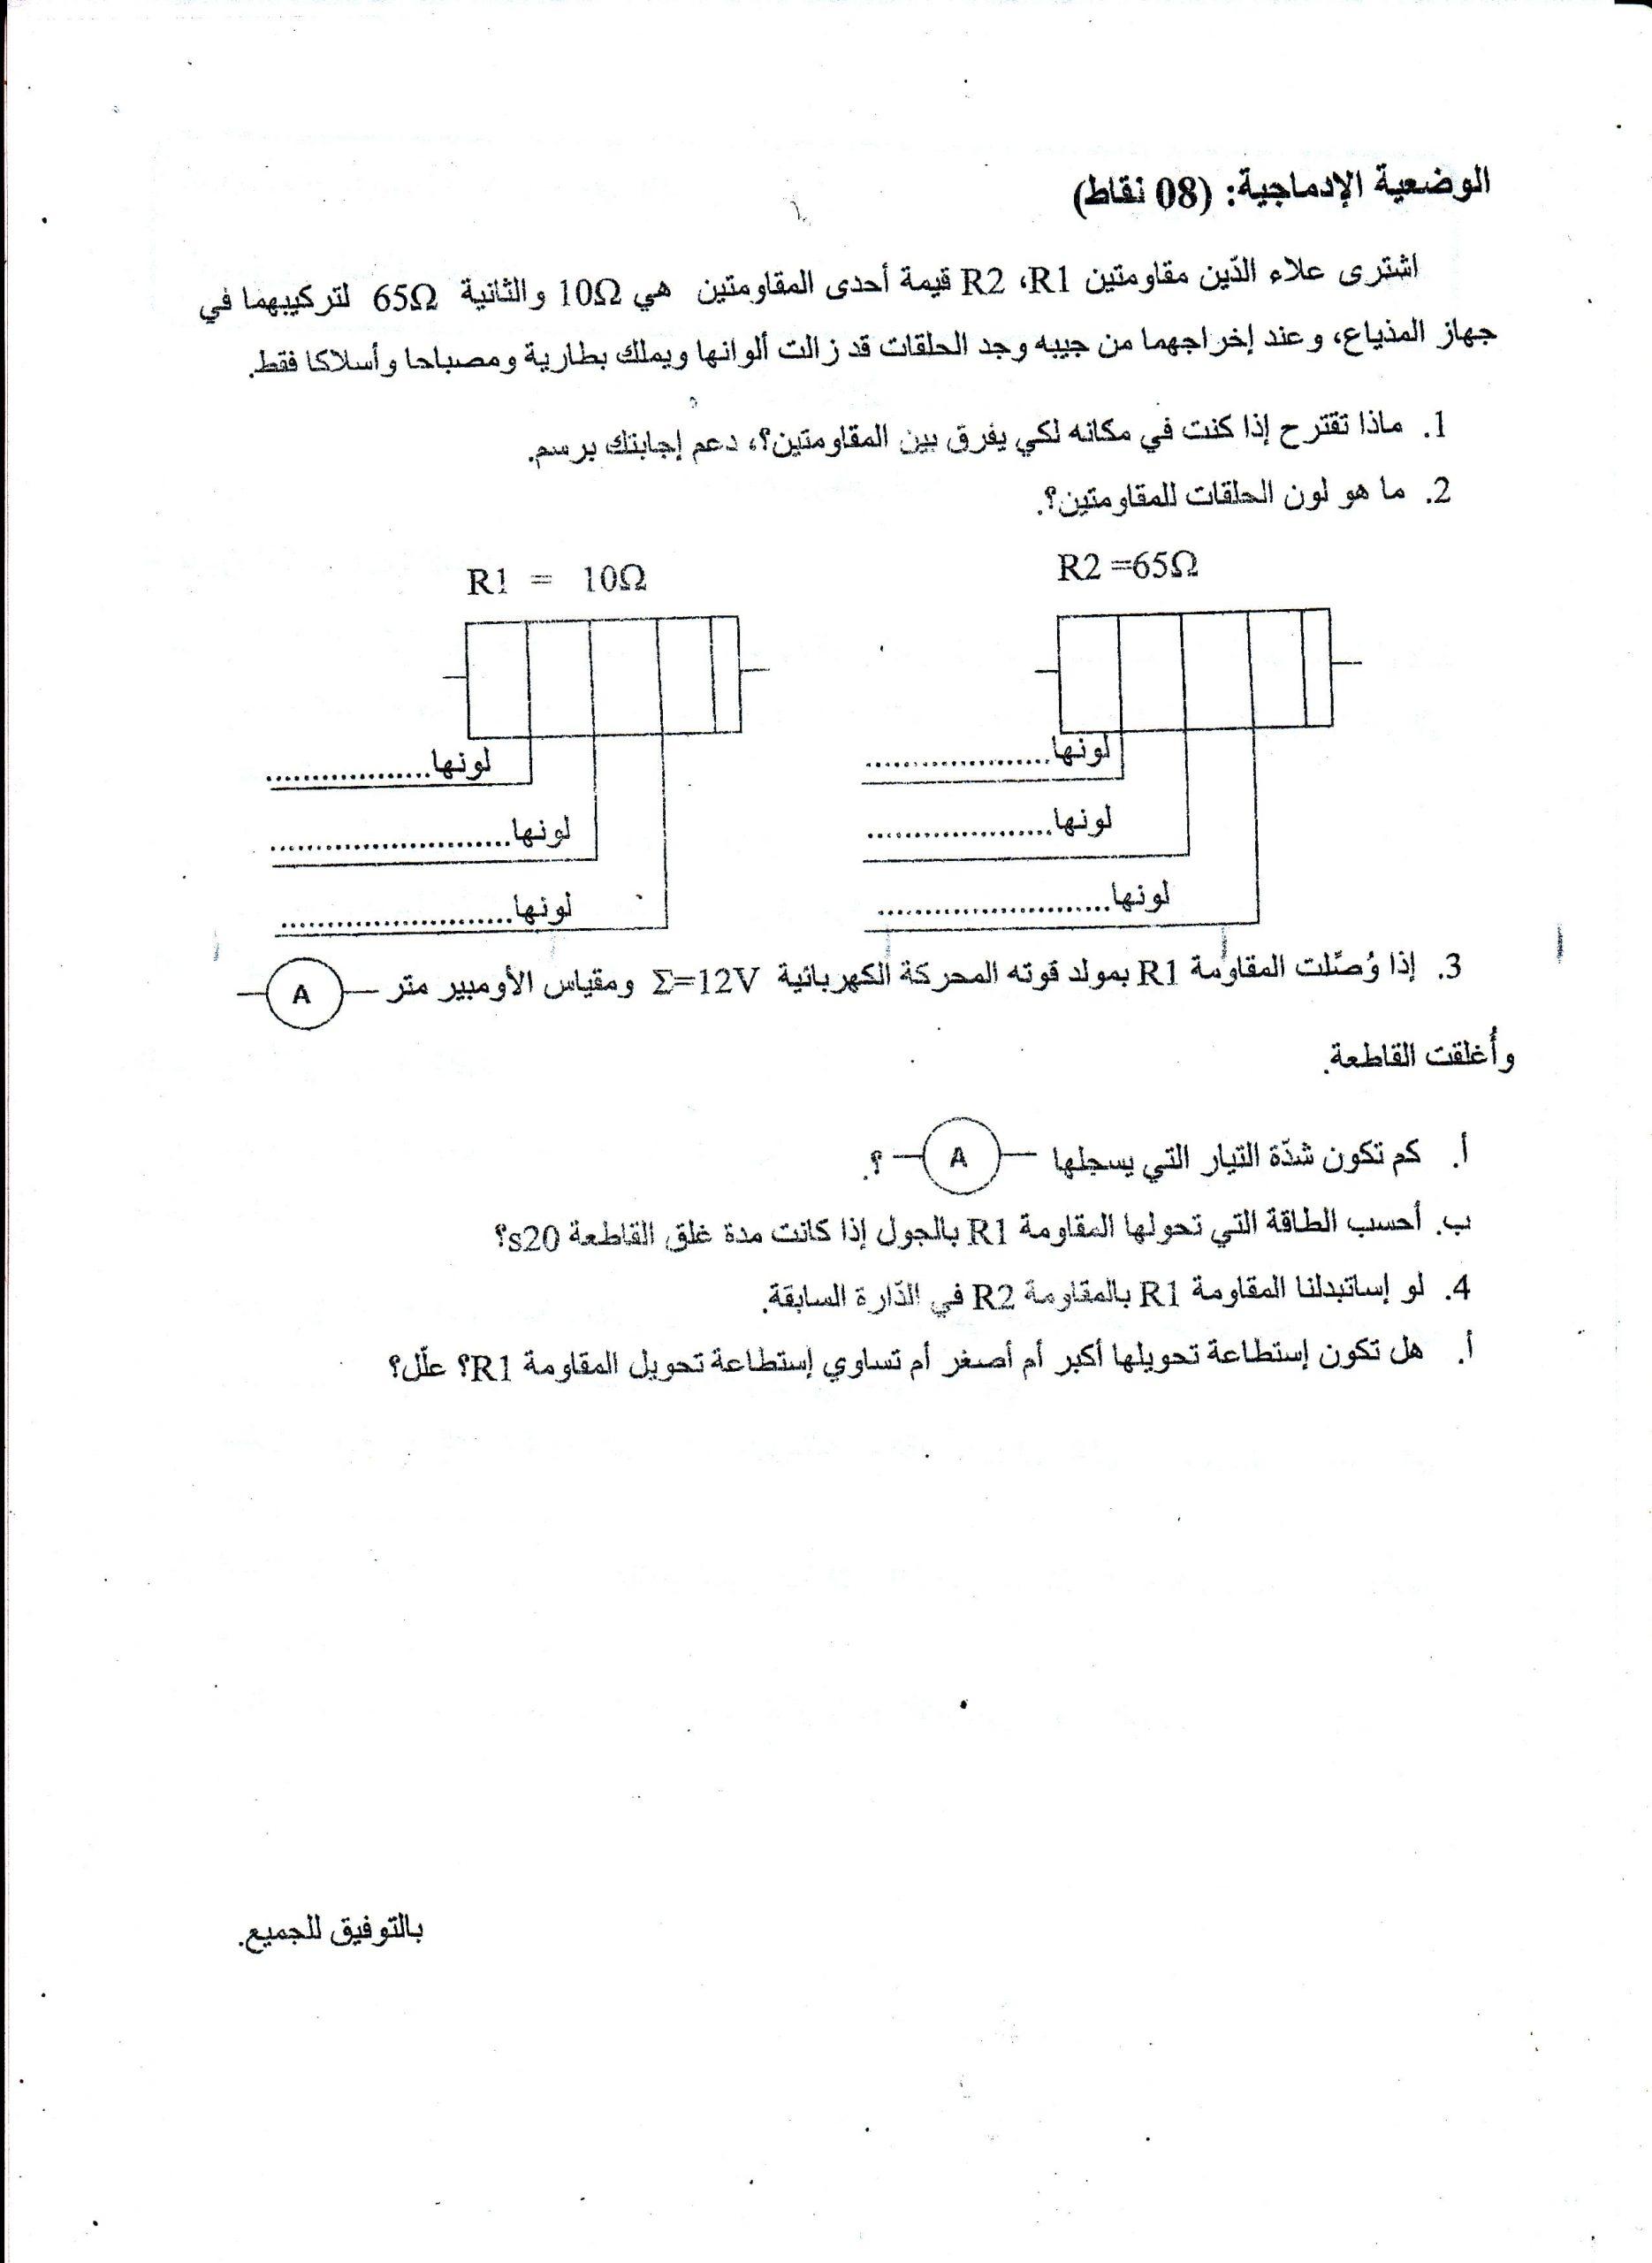 اختبار الفصل الثالث في العلوم الفيزيائية السنة الثالثة متوسط | الموضوع 02